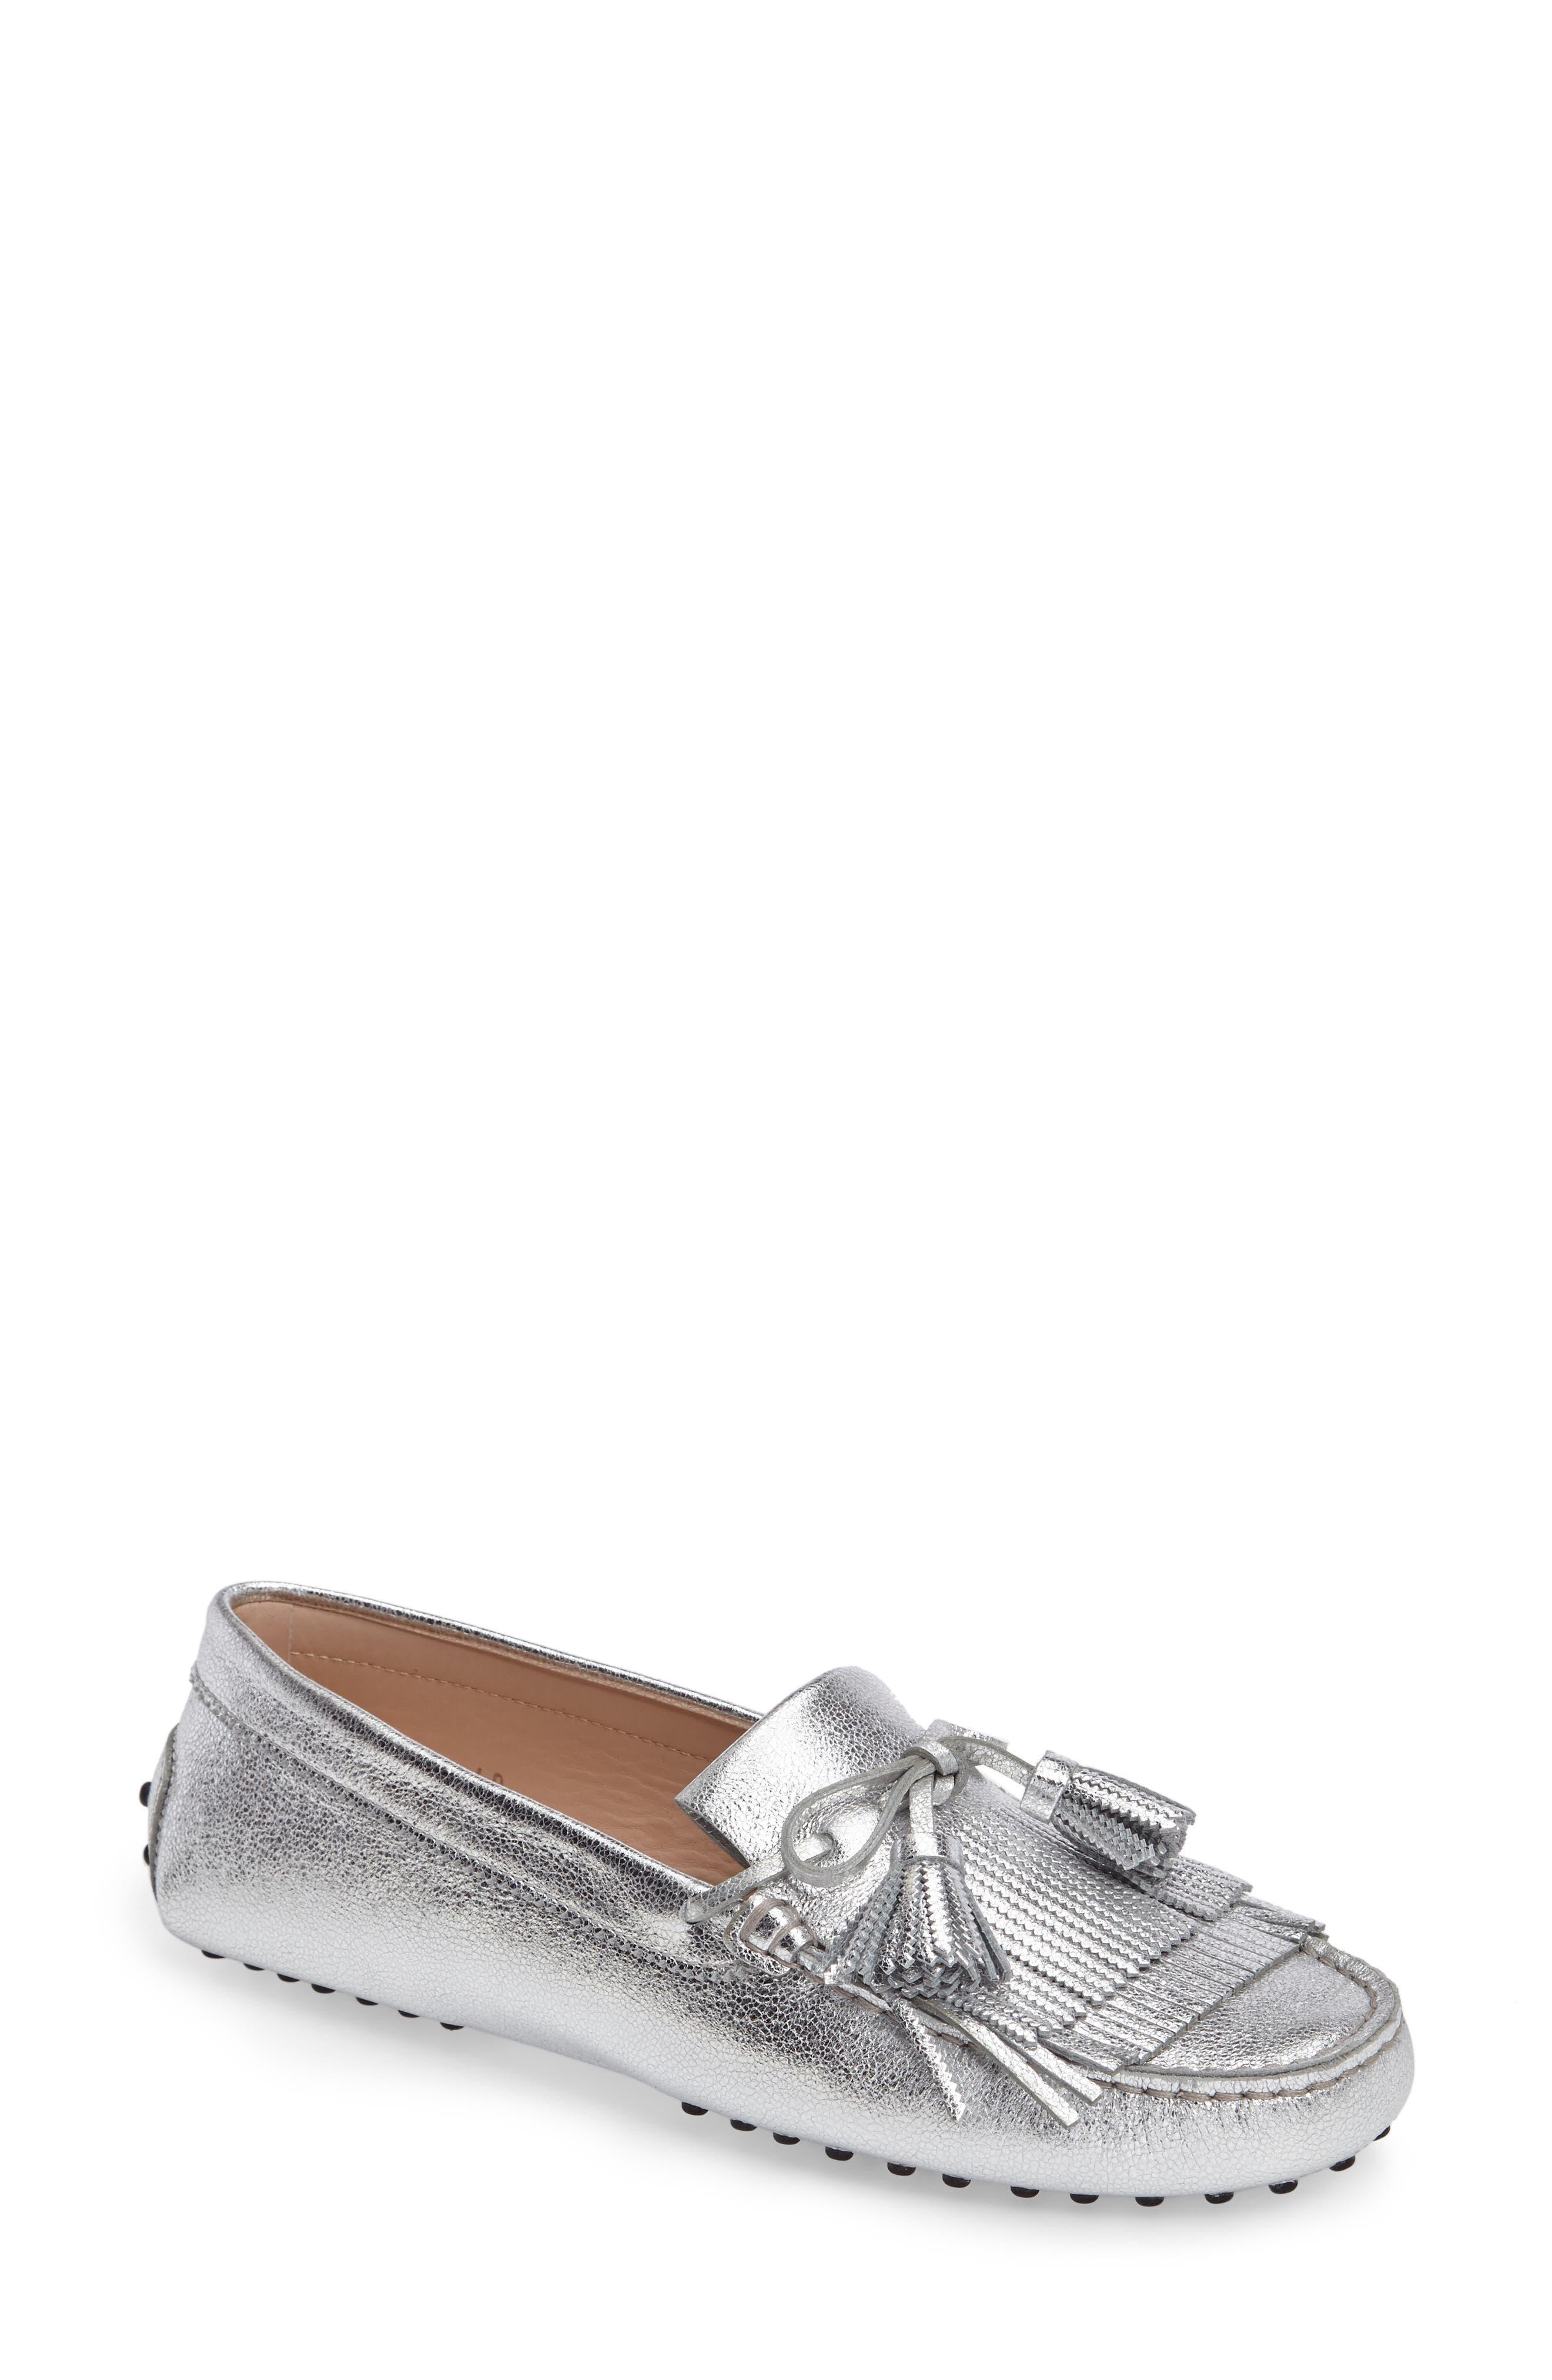 Tod's Gommino Tasseled Kiltie Driving Shoe (Women)